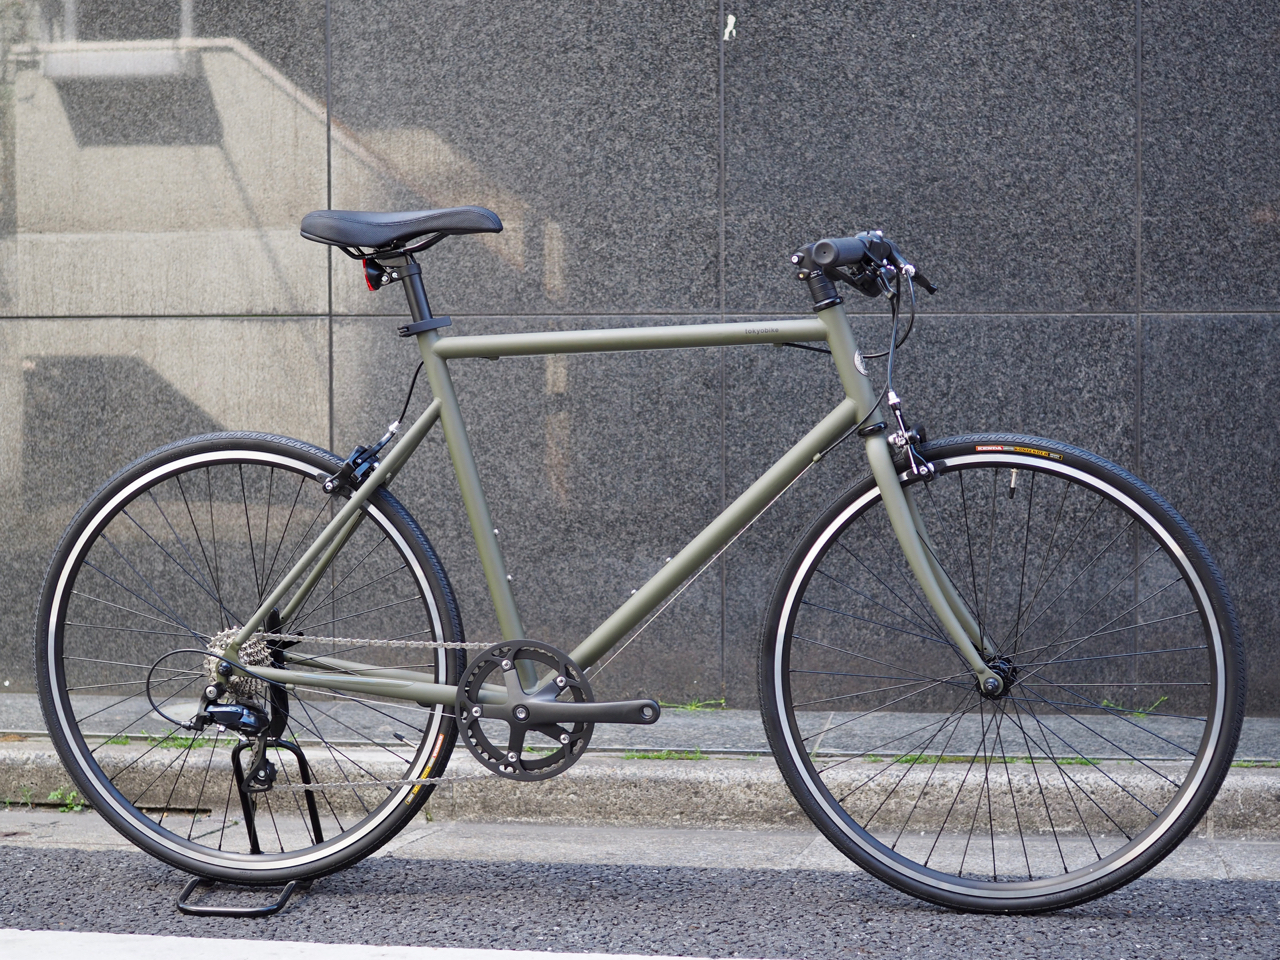 tokyobike,トーキョーバイク,スポーツバイク,おしゃれ自転車